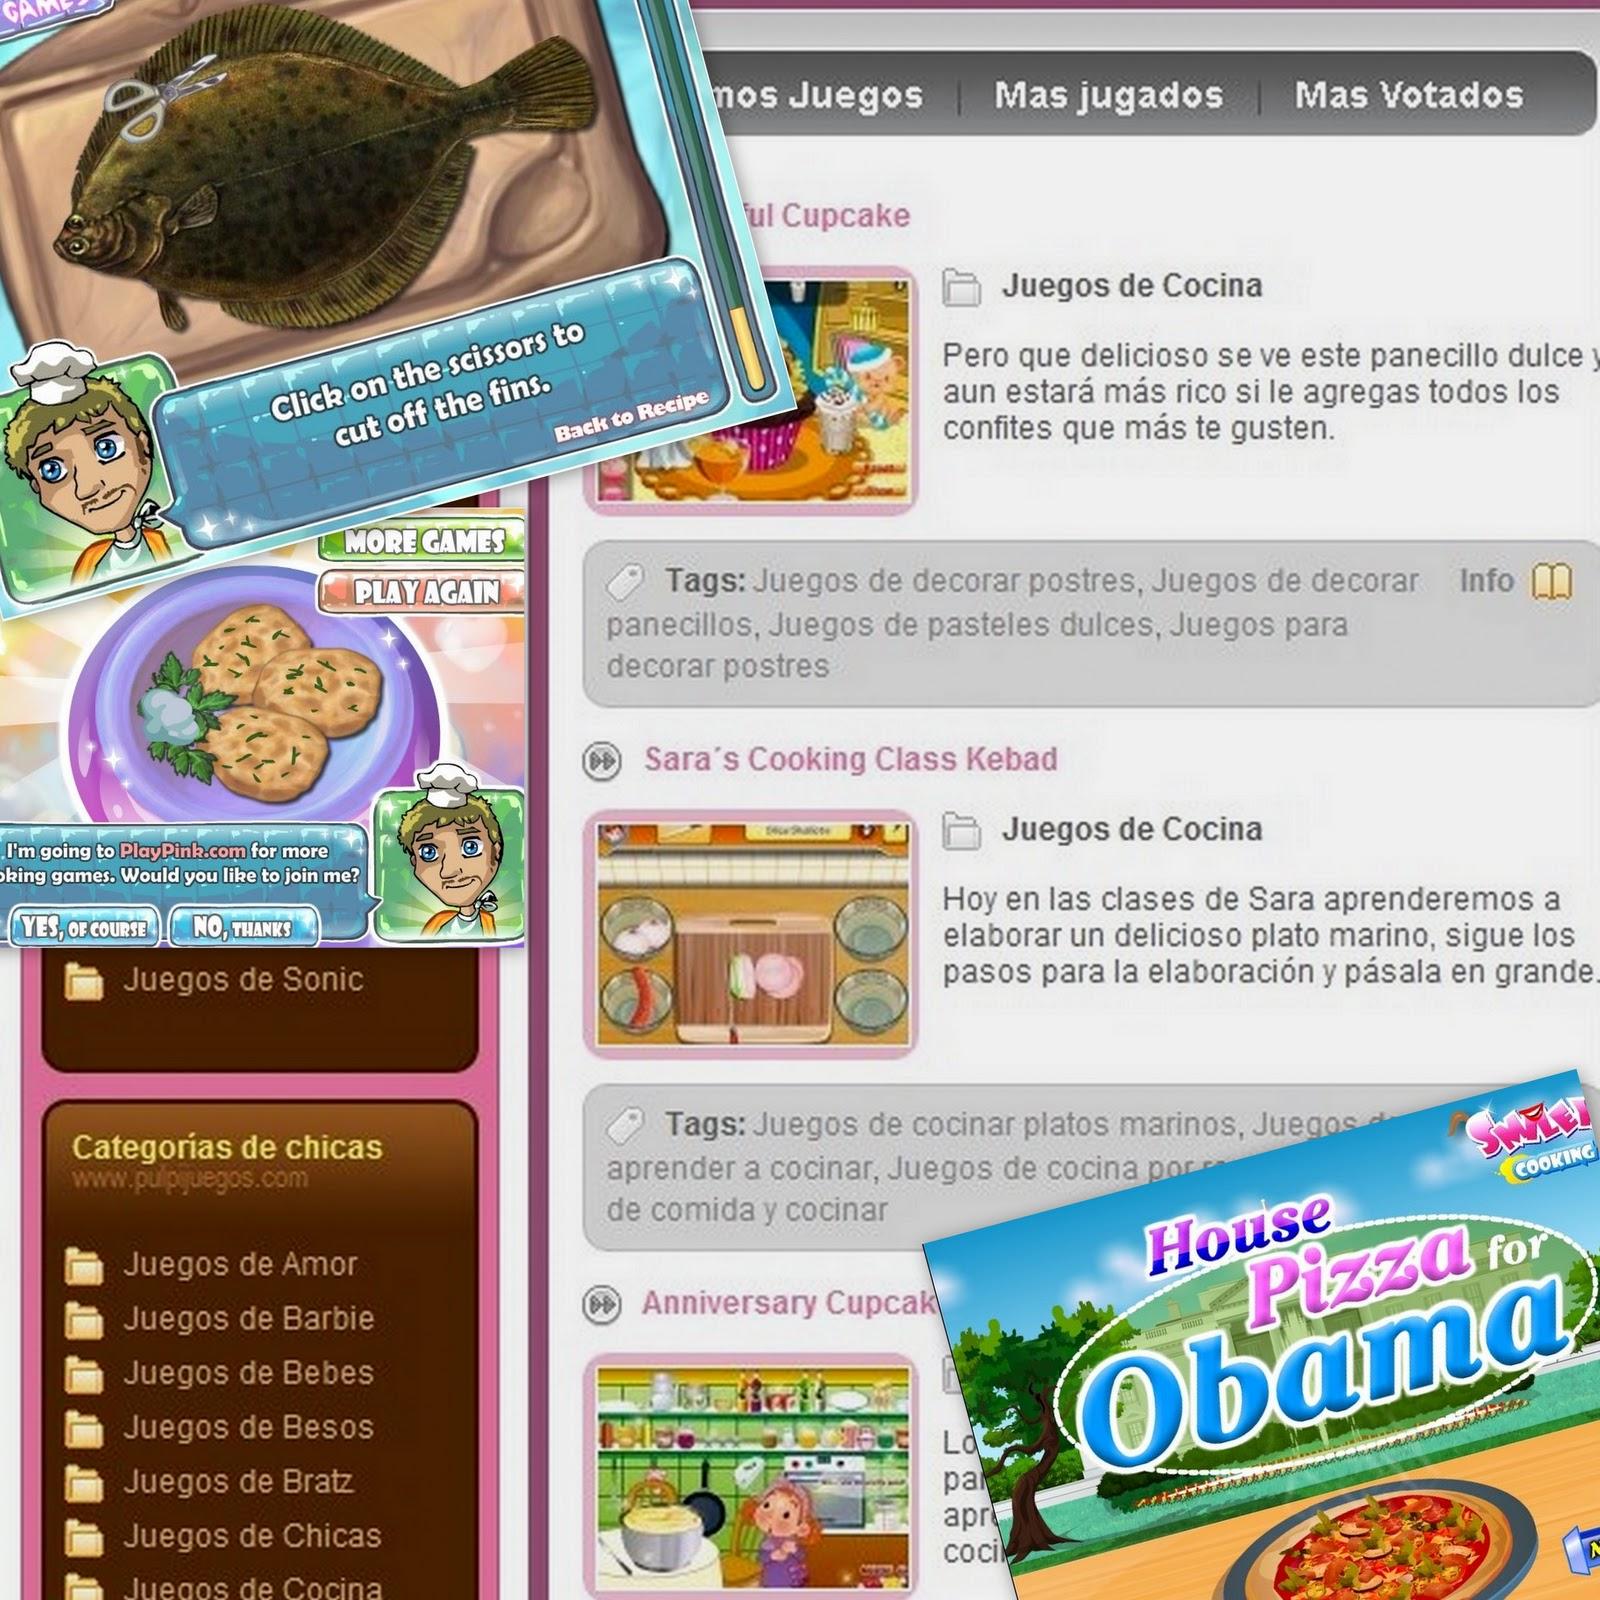 Cocina matutera pulpijuegos juegos de cocina for Juego9s de cocina